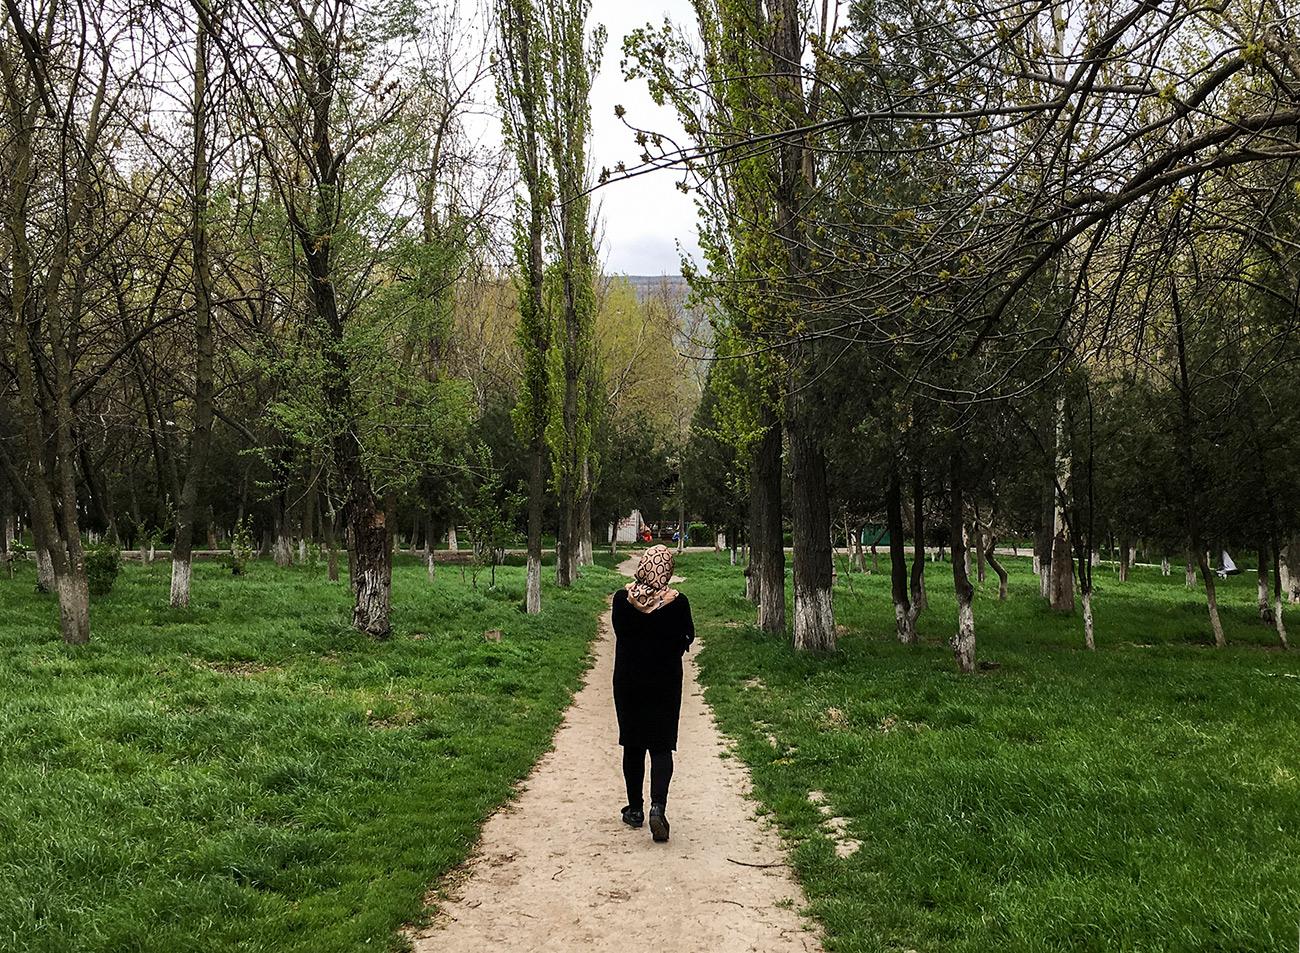 """Američke i europske vlasti savjetuju svojim građanima da ne putuju na Sjeverni Kavkaz, dok turisti na forumima Lonely Planeta bojažljivo istražuju jesu li takva mjesta sigurna. Turisti u Dagestanu su sami po sebi """"znamenitosti"""": gradovi i mjesta ovdje su poput velikih sela u kojima se stanovnici dobro poznaju i gdje nije teško uočiti pridošlice. No, ovdje u pravilu uopće nema neprijateljstva, samo kratak trenutak znatiželje, nakon čega lokalni stanovnici jednostavno nastavljaju sa svojim uobičajenim životom."""